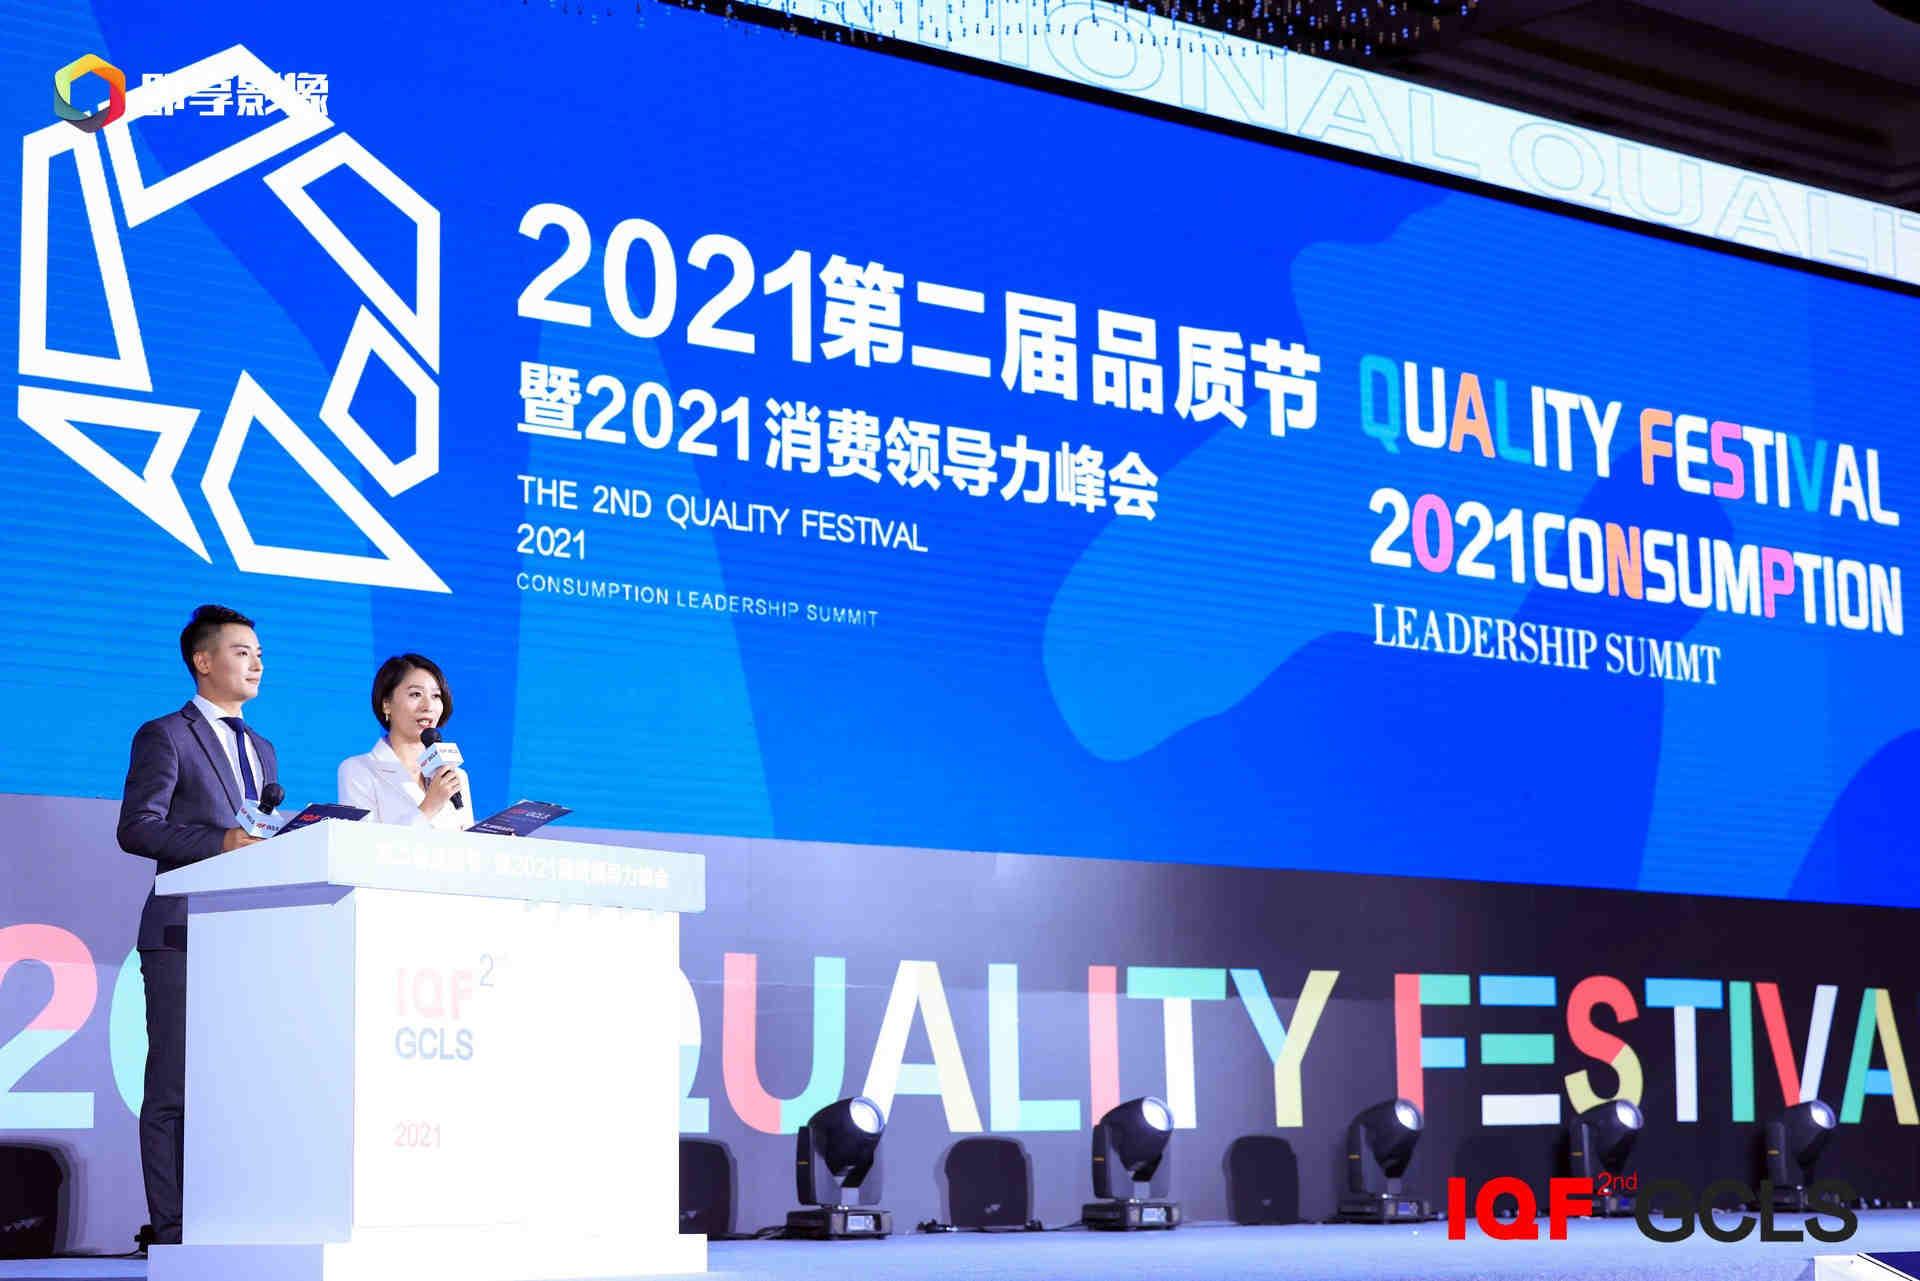 IQF2021品质节暨消费领导力峰会举行,300头部品牌共议品质驱动增长